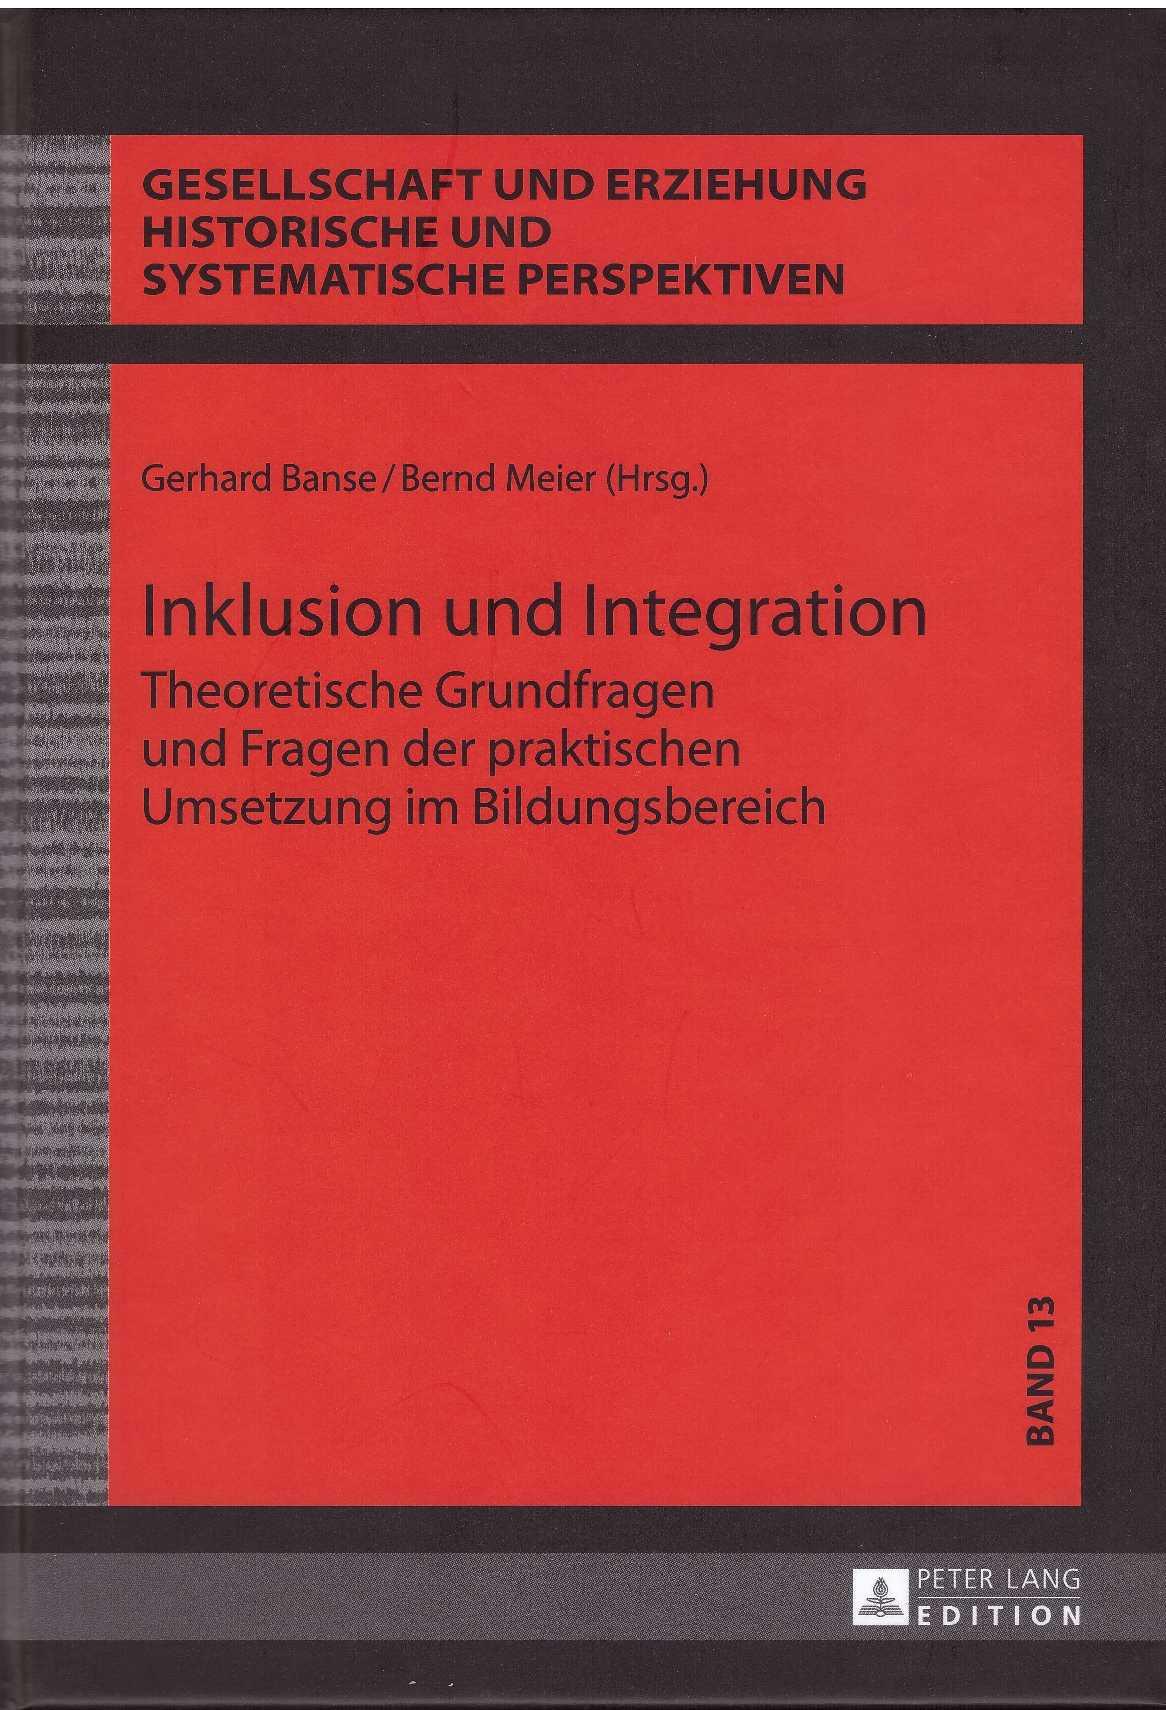 02 Buch Inklusion und Integration_Titelei